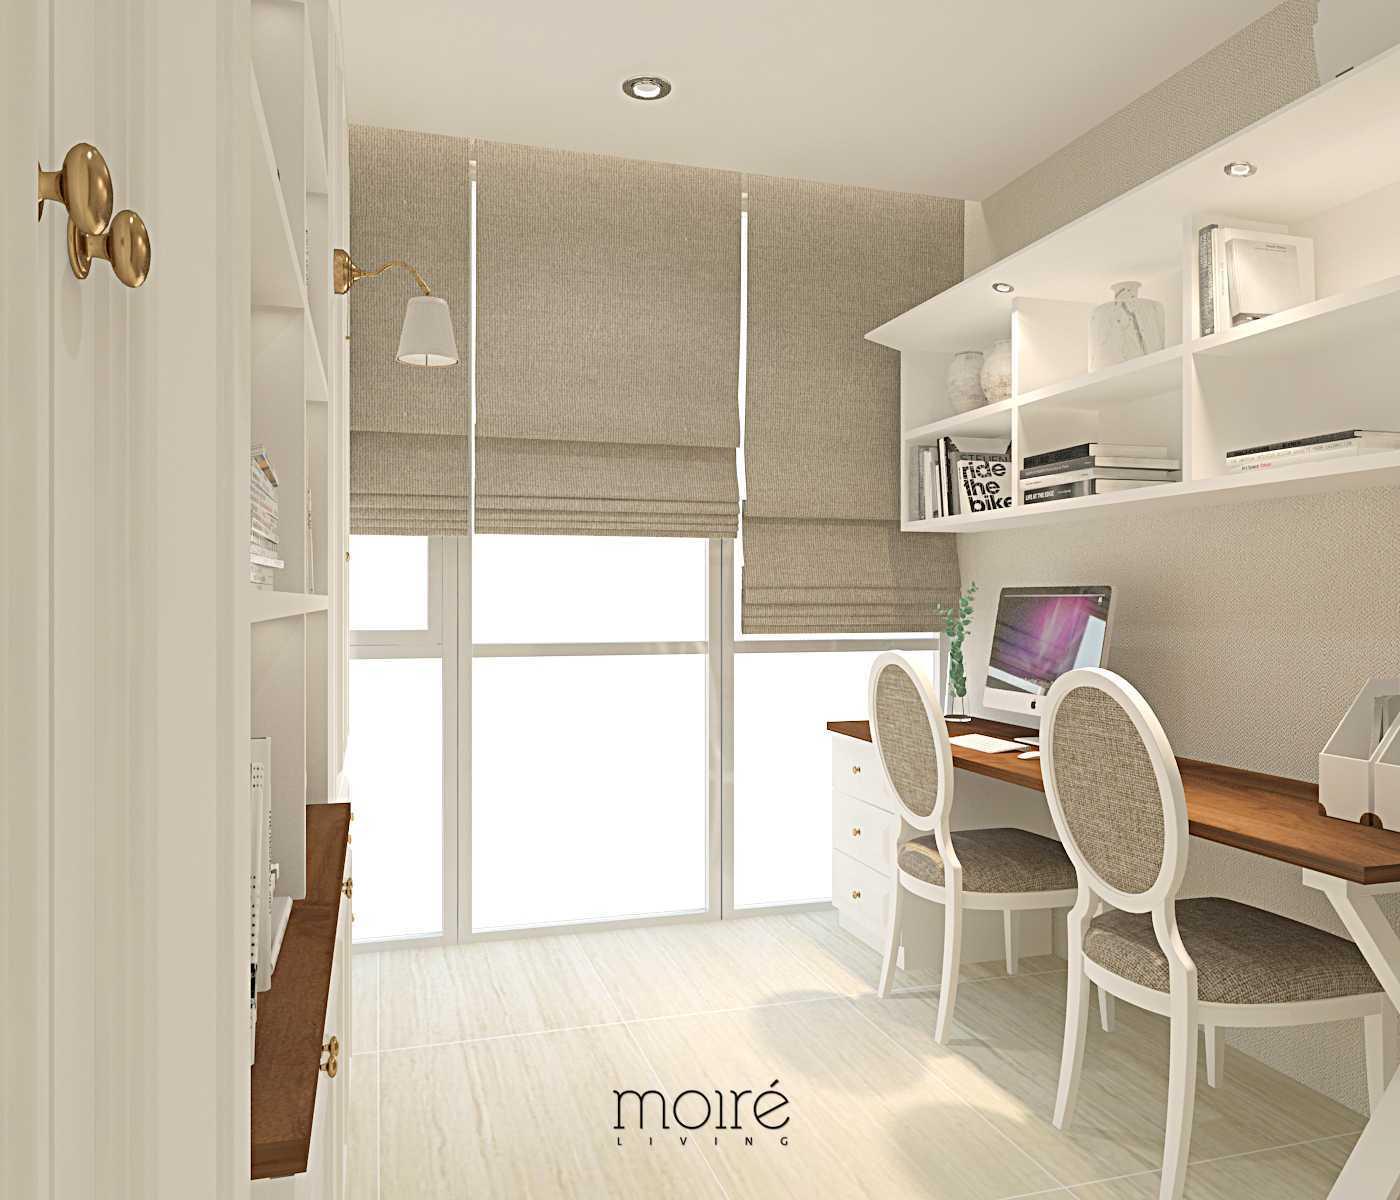 Moire Living Windsor Apartment Jakarta Barat, Kb. Jeruk, Kota Jakarta Barat, Daerah Khusus Ibukota Jakarta, Indonesia  Moire-Living-Windsor-Apartment Klasik 54865